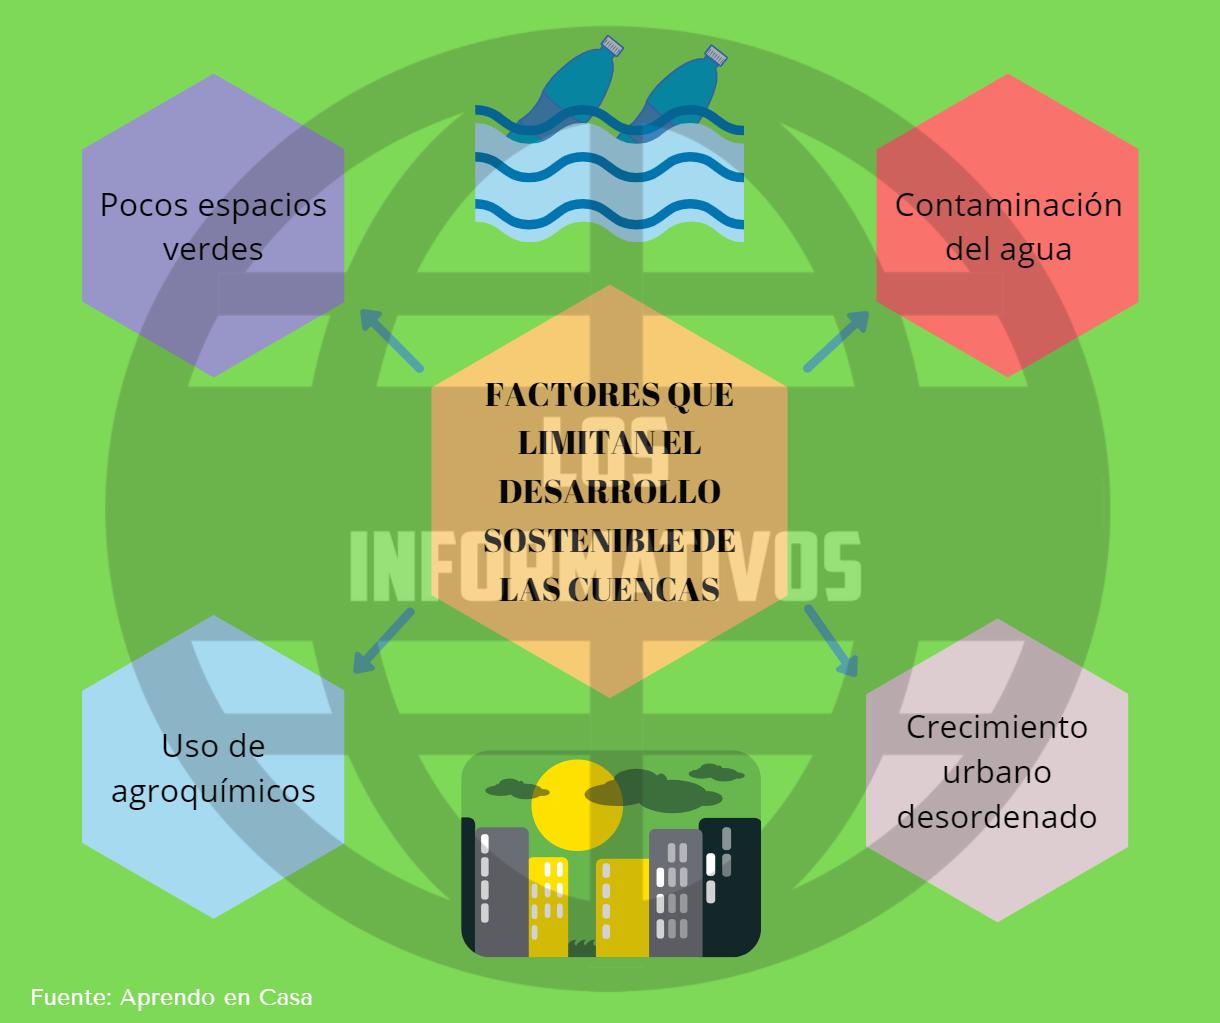 Factores que limitan el desarrollo sostenible de las cuencas